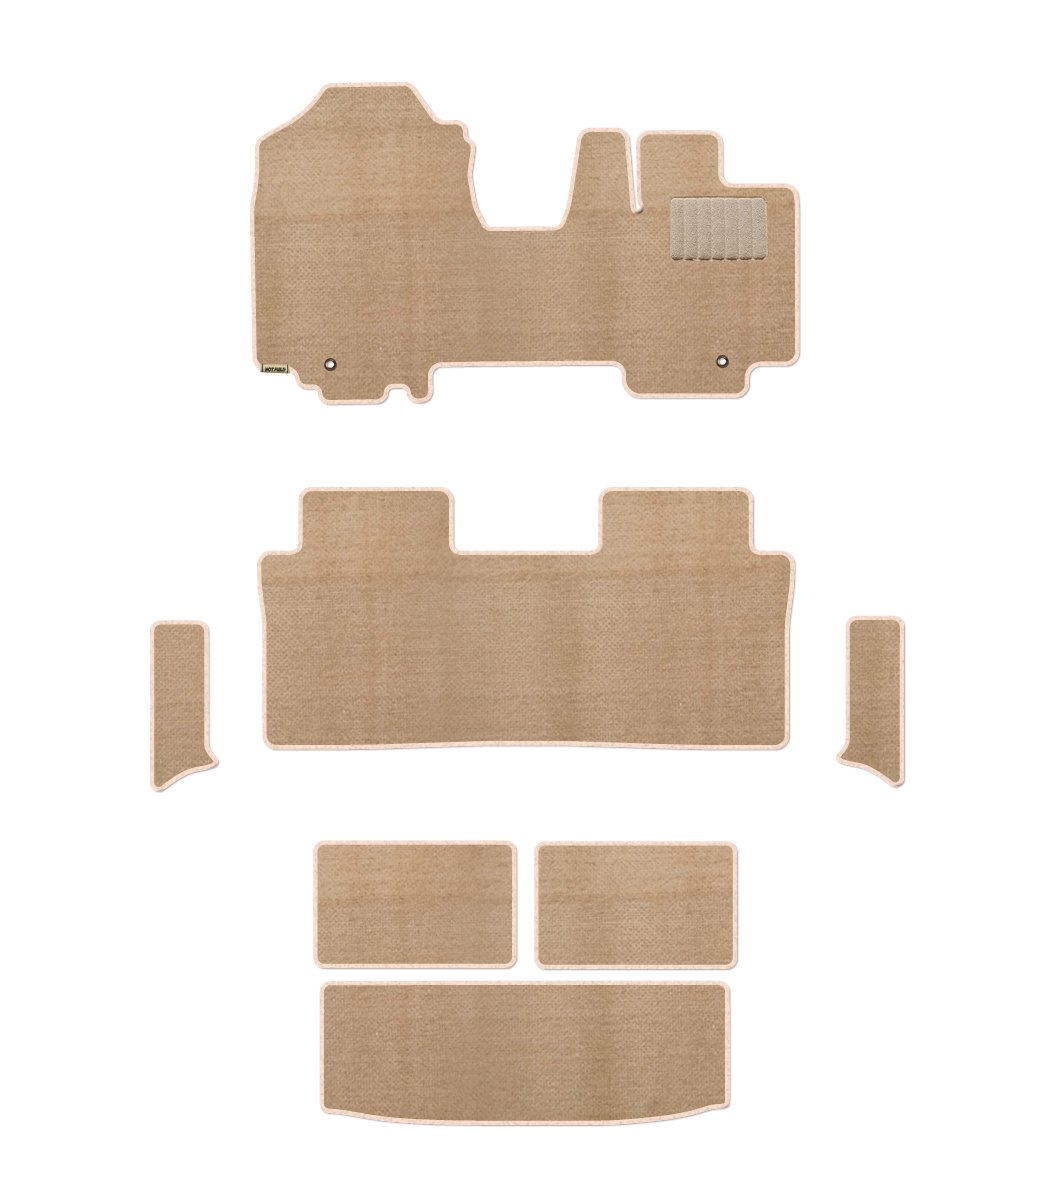 Hotfield スズキ スペーシア SPACIA MK53S フロアマット+ラゲッジマット+ステップマット / リアステップ形状:分割型 / プレーンベージュ B078WJ4CD5 リアステップ形状:分割型|プレーンベージュ プレーンベージュ リアステップ形状:分割型